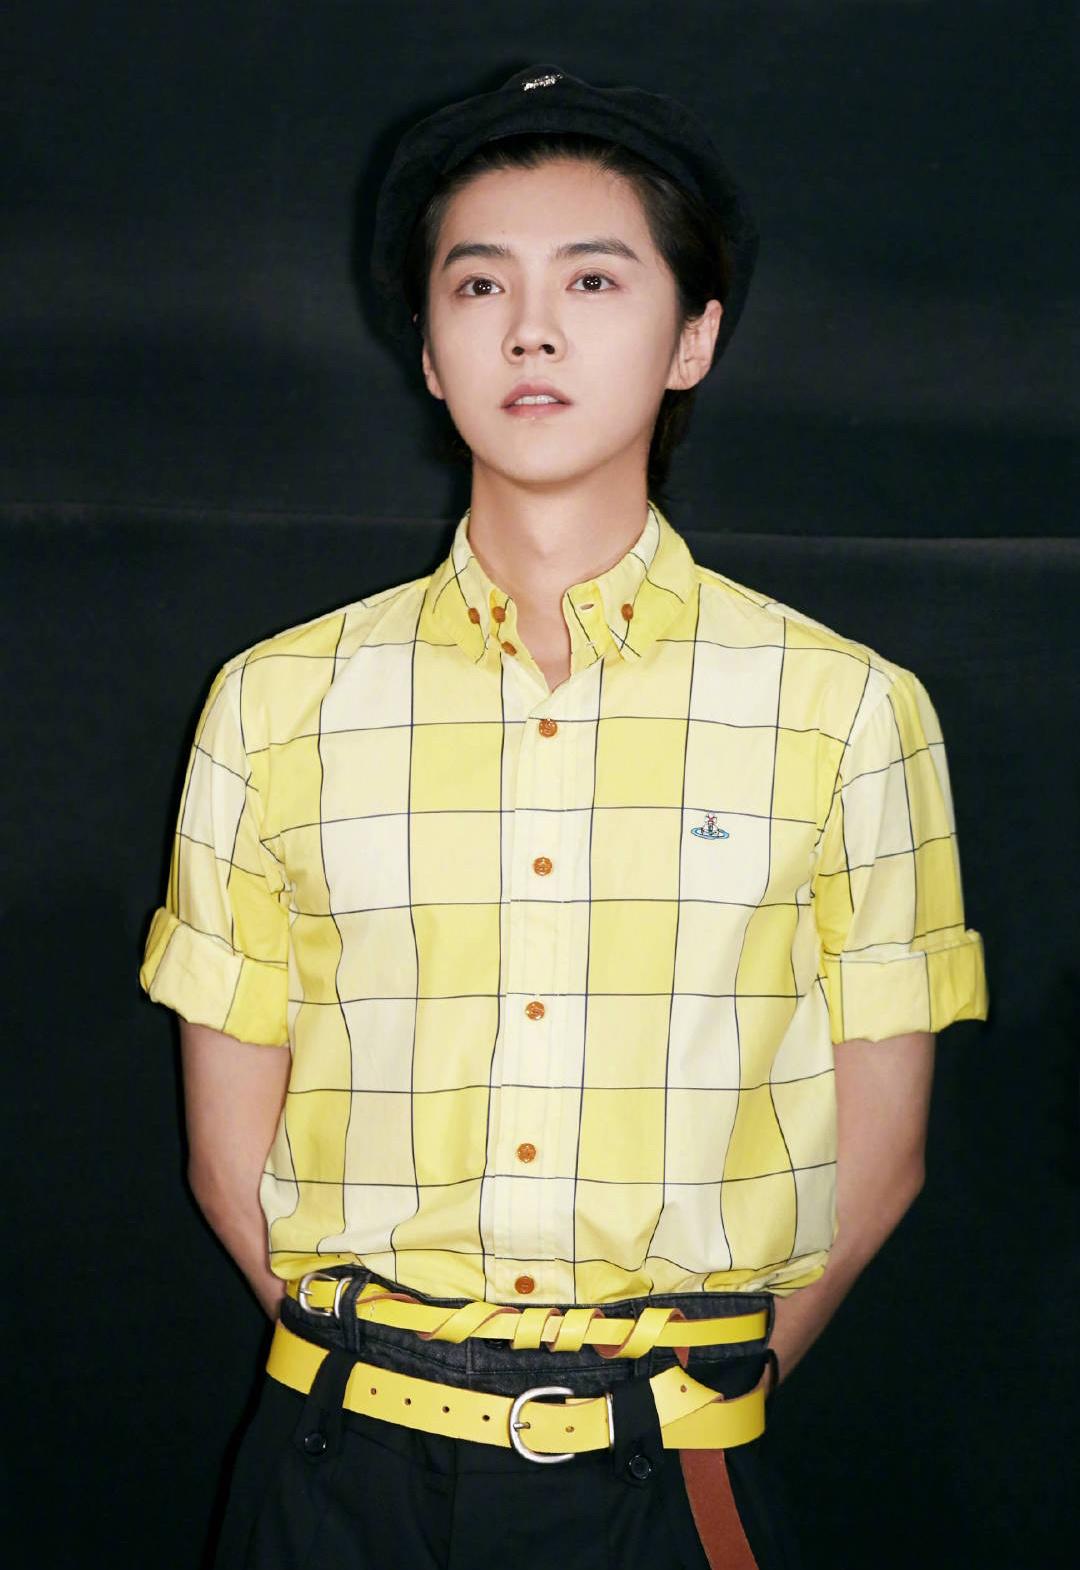 [分享]210612 分享鹿晗的时尚小心机 日常的半袖也能穿出时尚